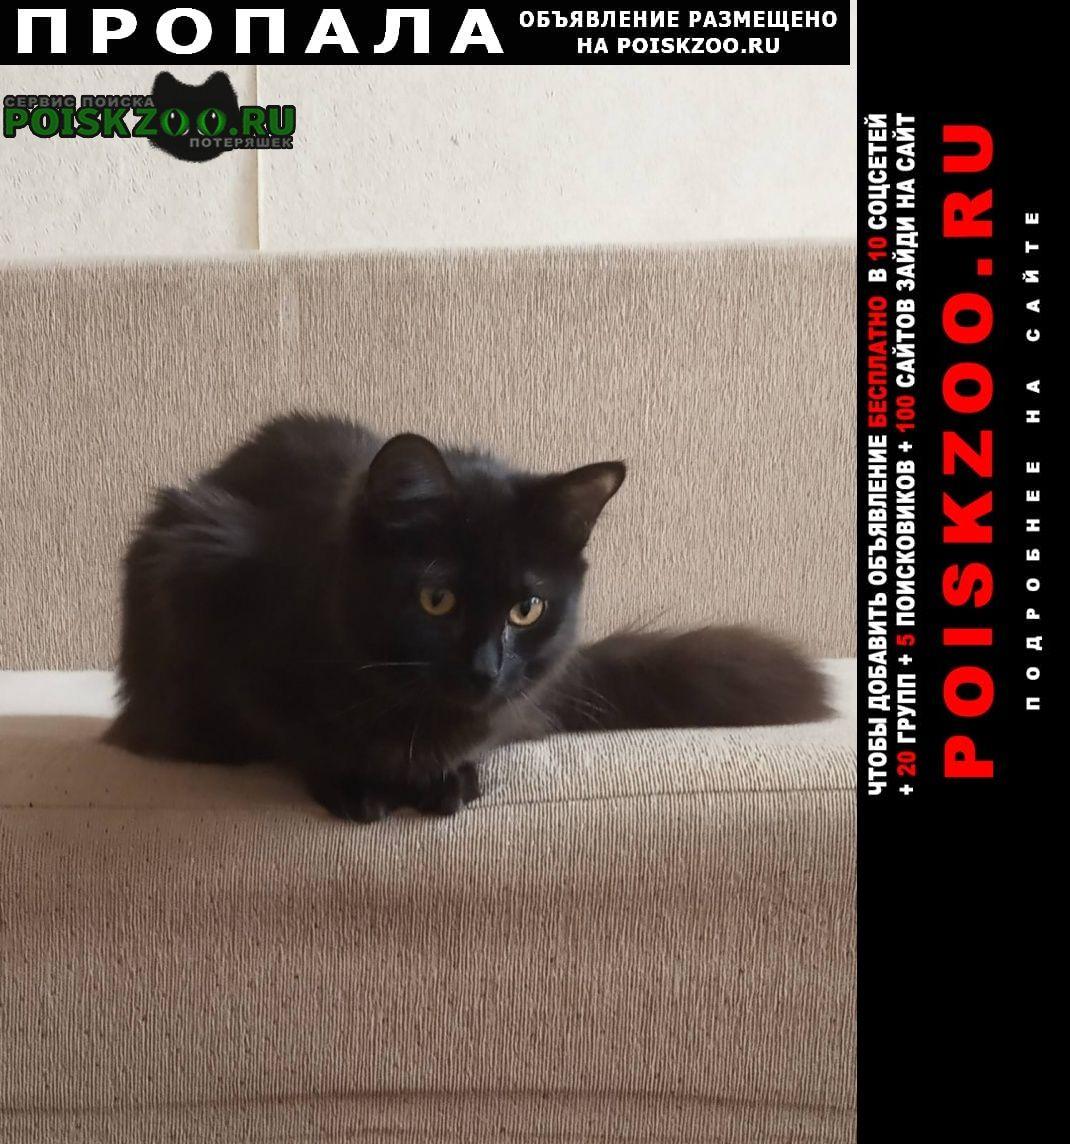 Пропала кошка Владимир